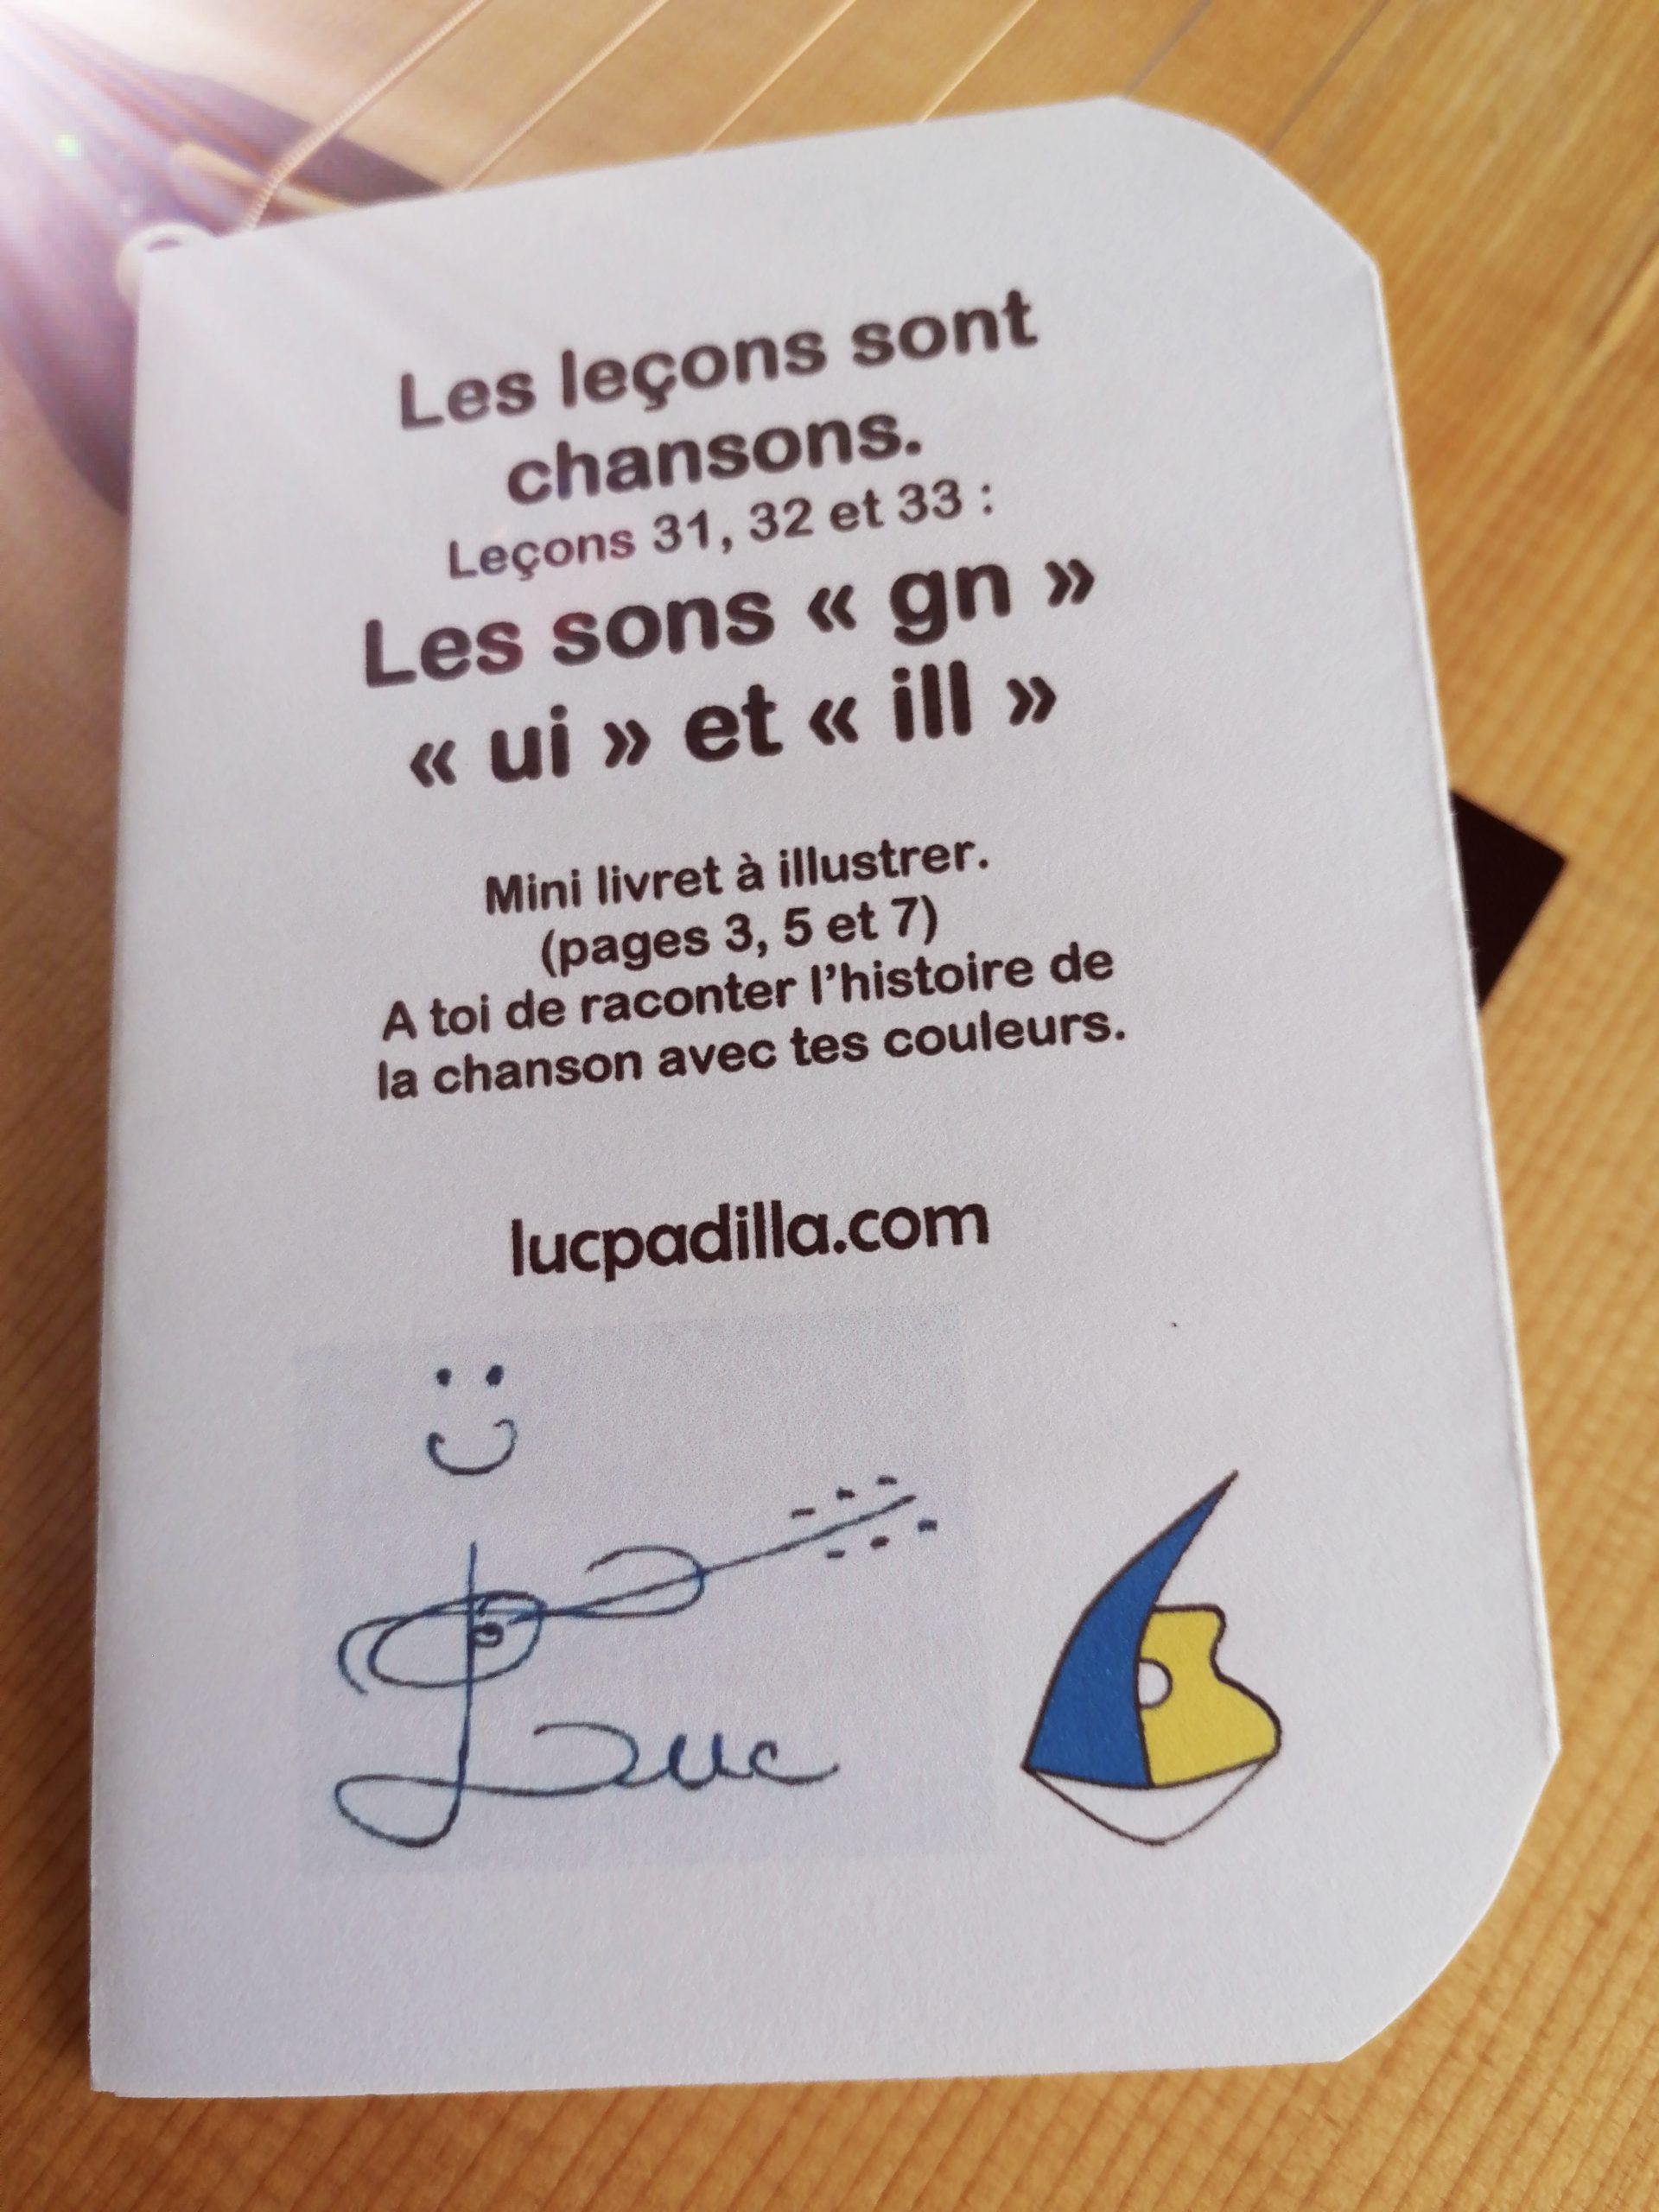 """Leçons 31, 32 et 33 Les sons """"gn"""" """"ui"""" et """"ill"""""""